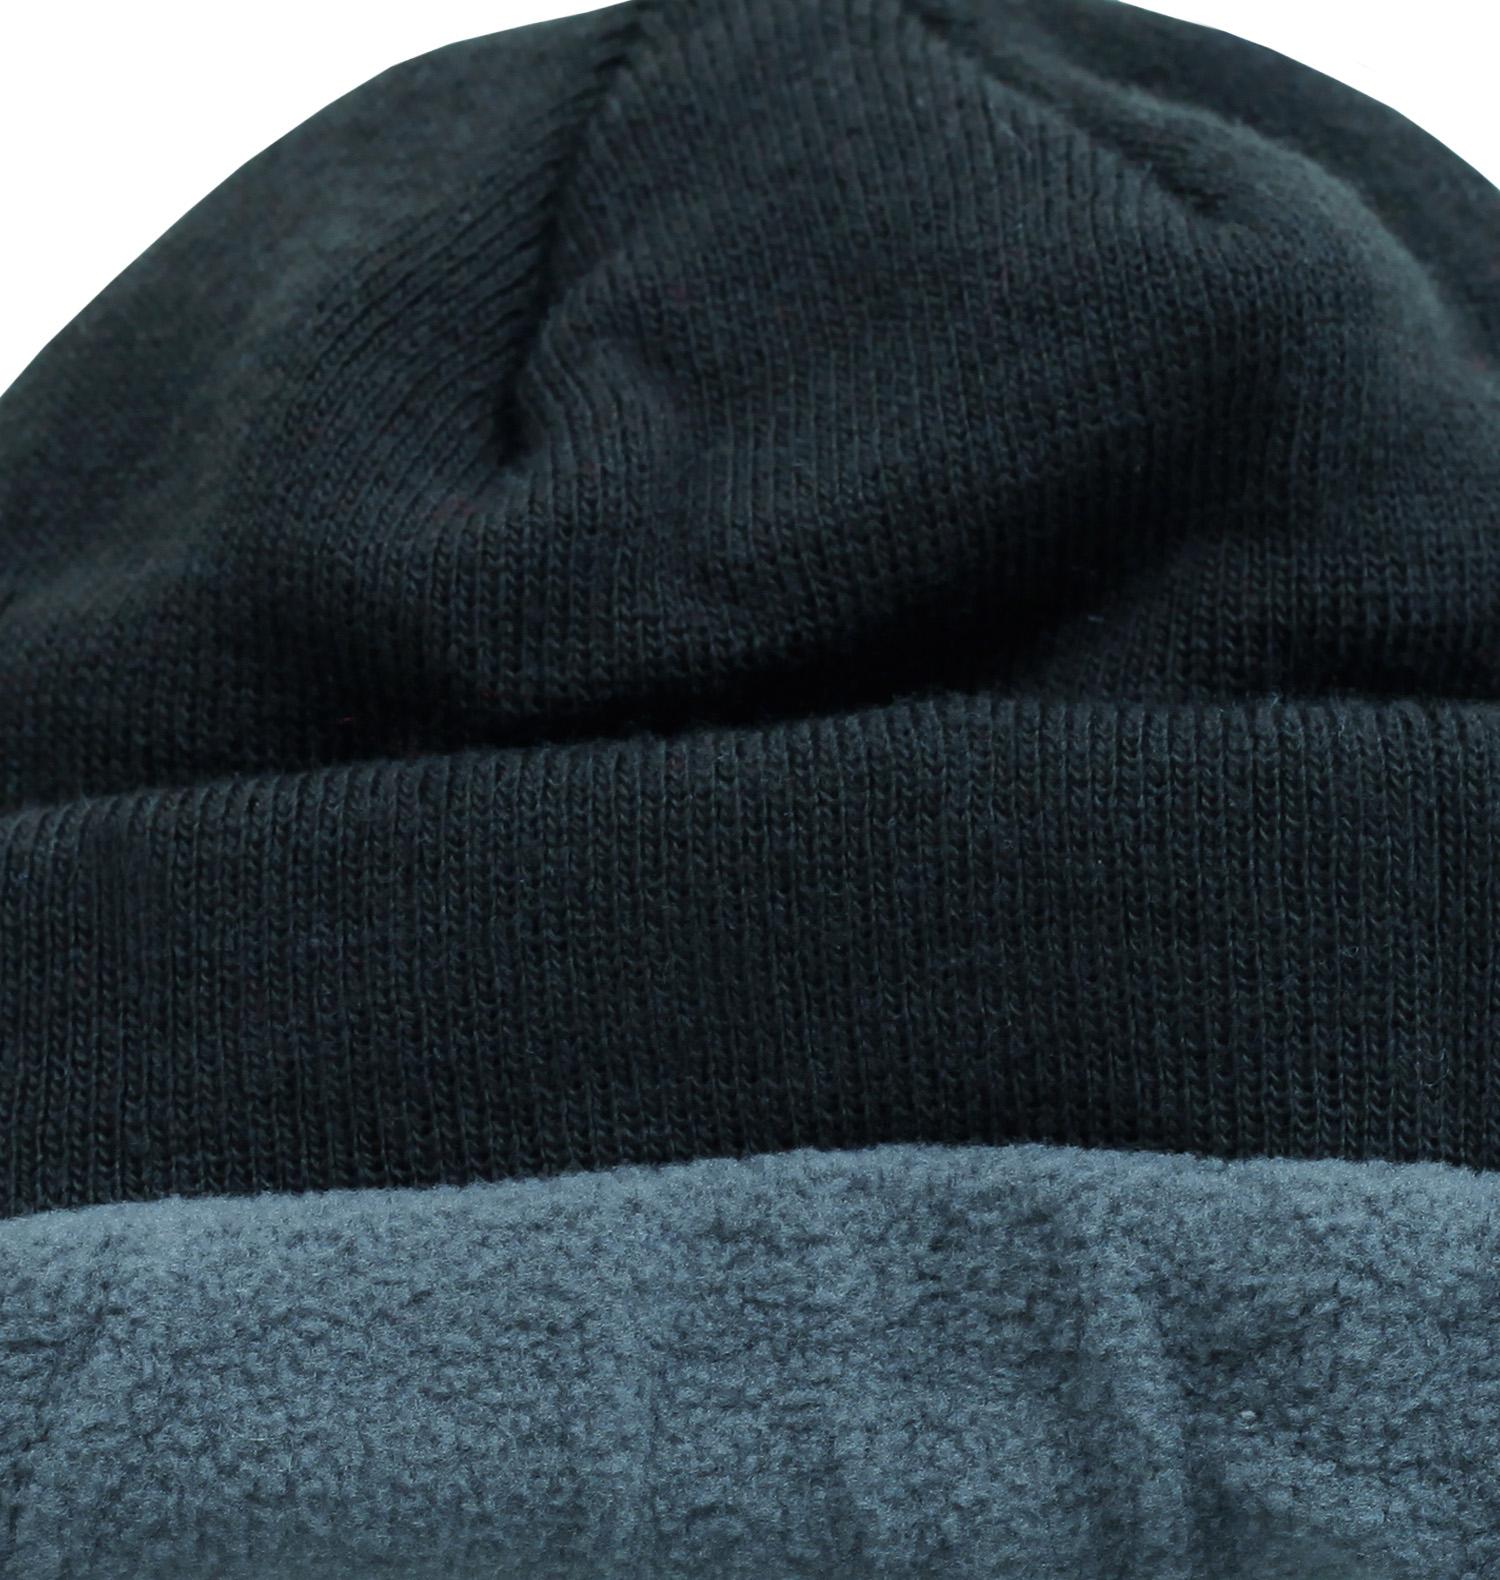 Заказать классическую мужскую шапку на флисе с отворотом для парней любящих спорт по демократической цене